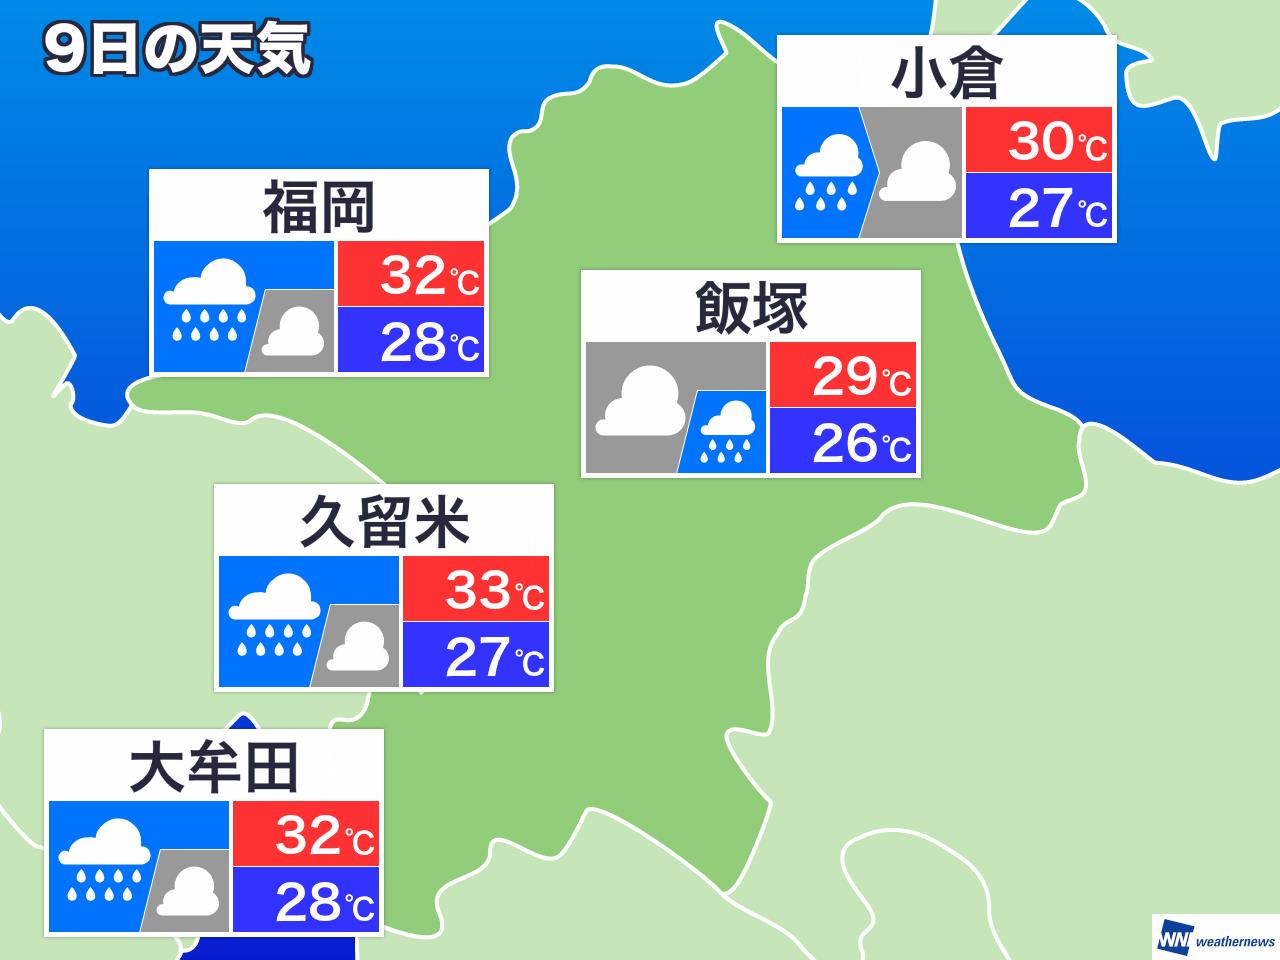 大牟田 週間 天気